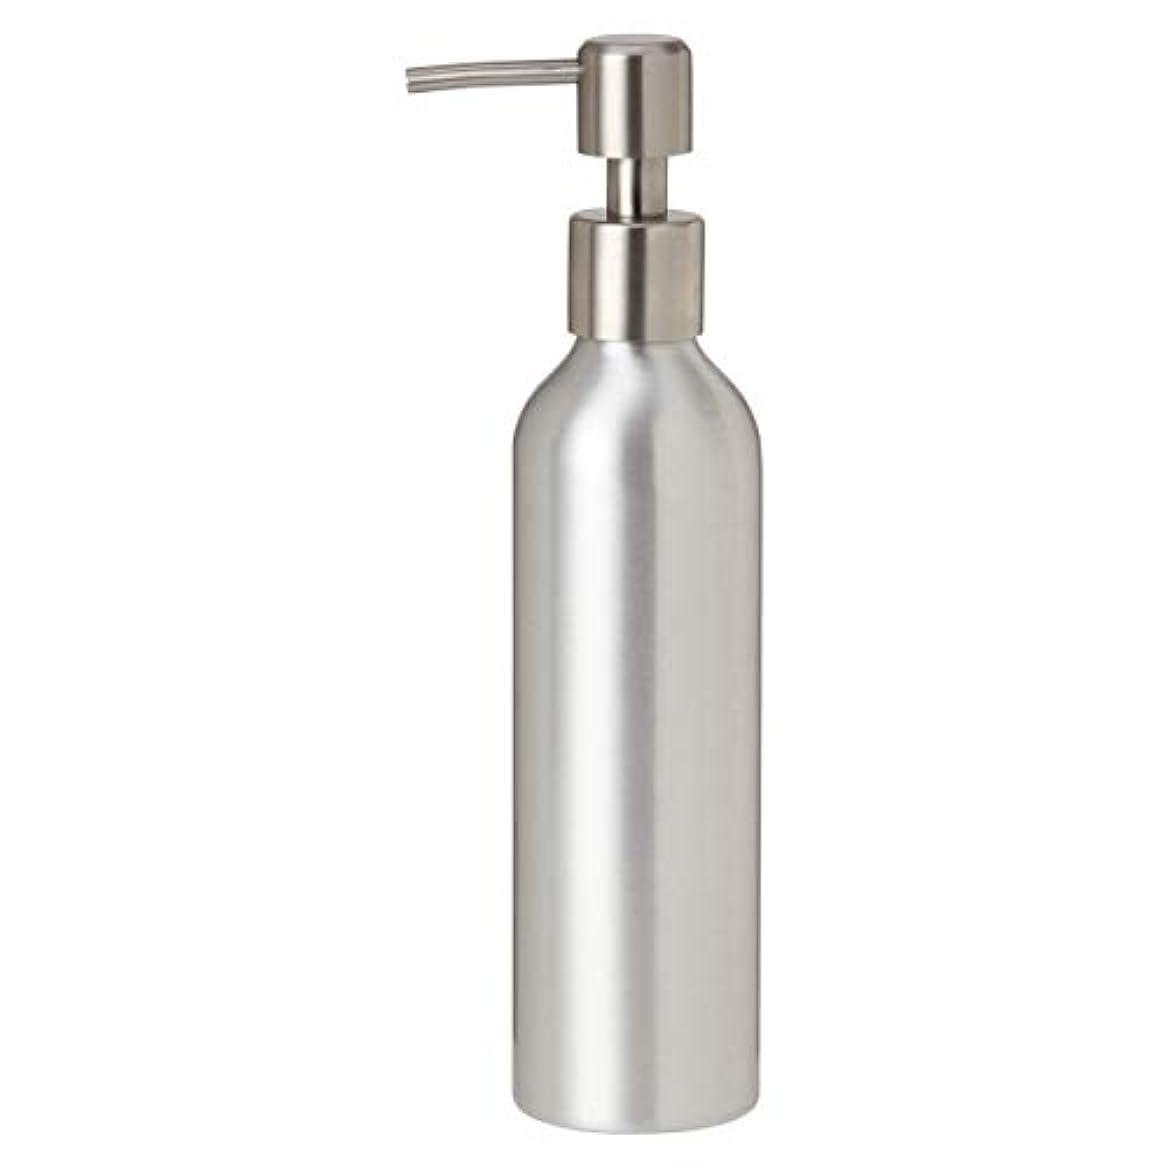 ペンス一般的に言えば説明アルミポンプボトル 250mL [ オイルウォーマー オイルトリートメント オイルボトル マッサージオイル アロママッサージオイル ボディマッサージオイル ボディオイル アロマオイル ]